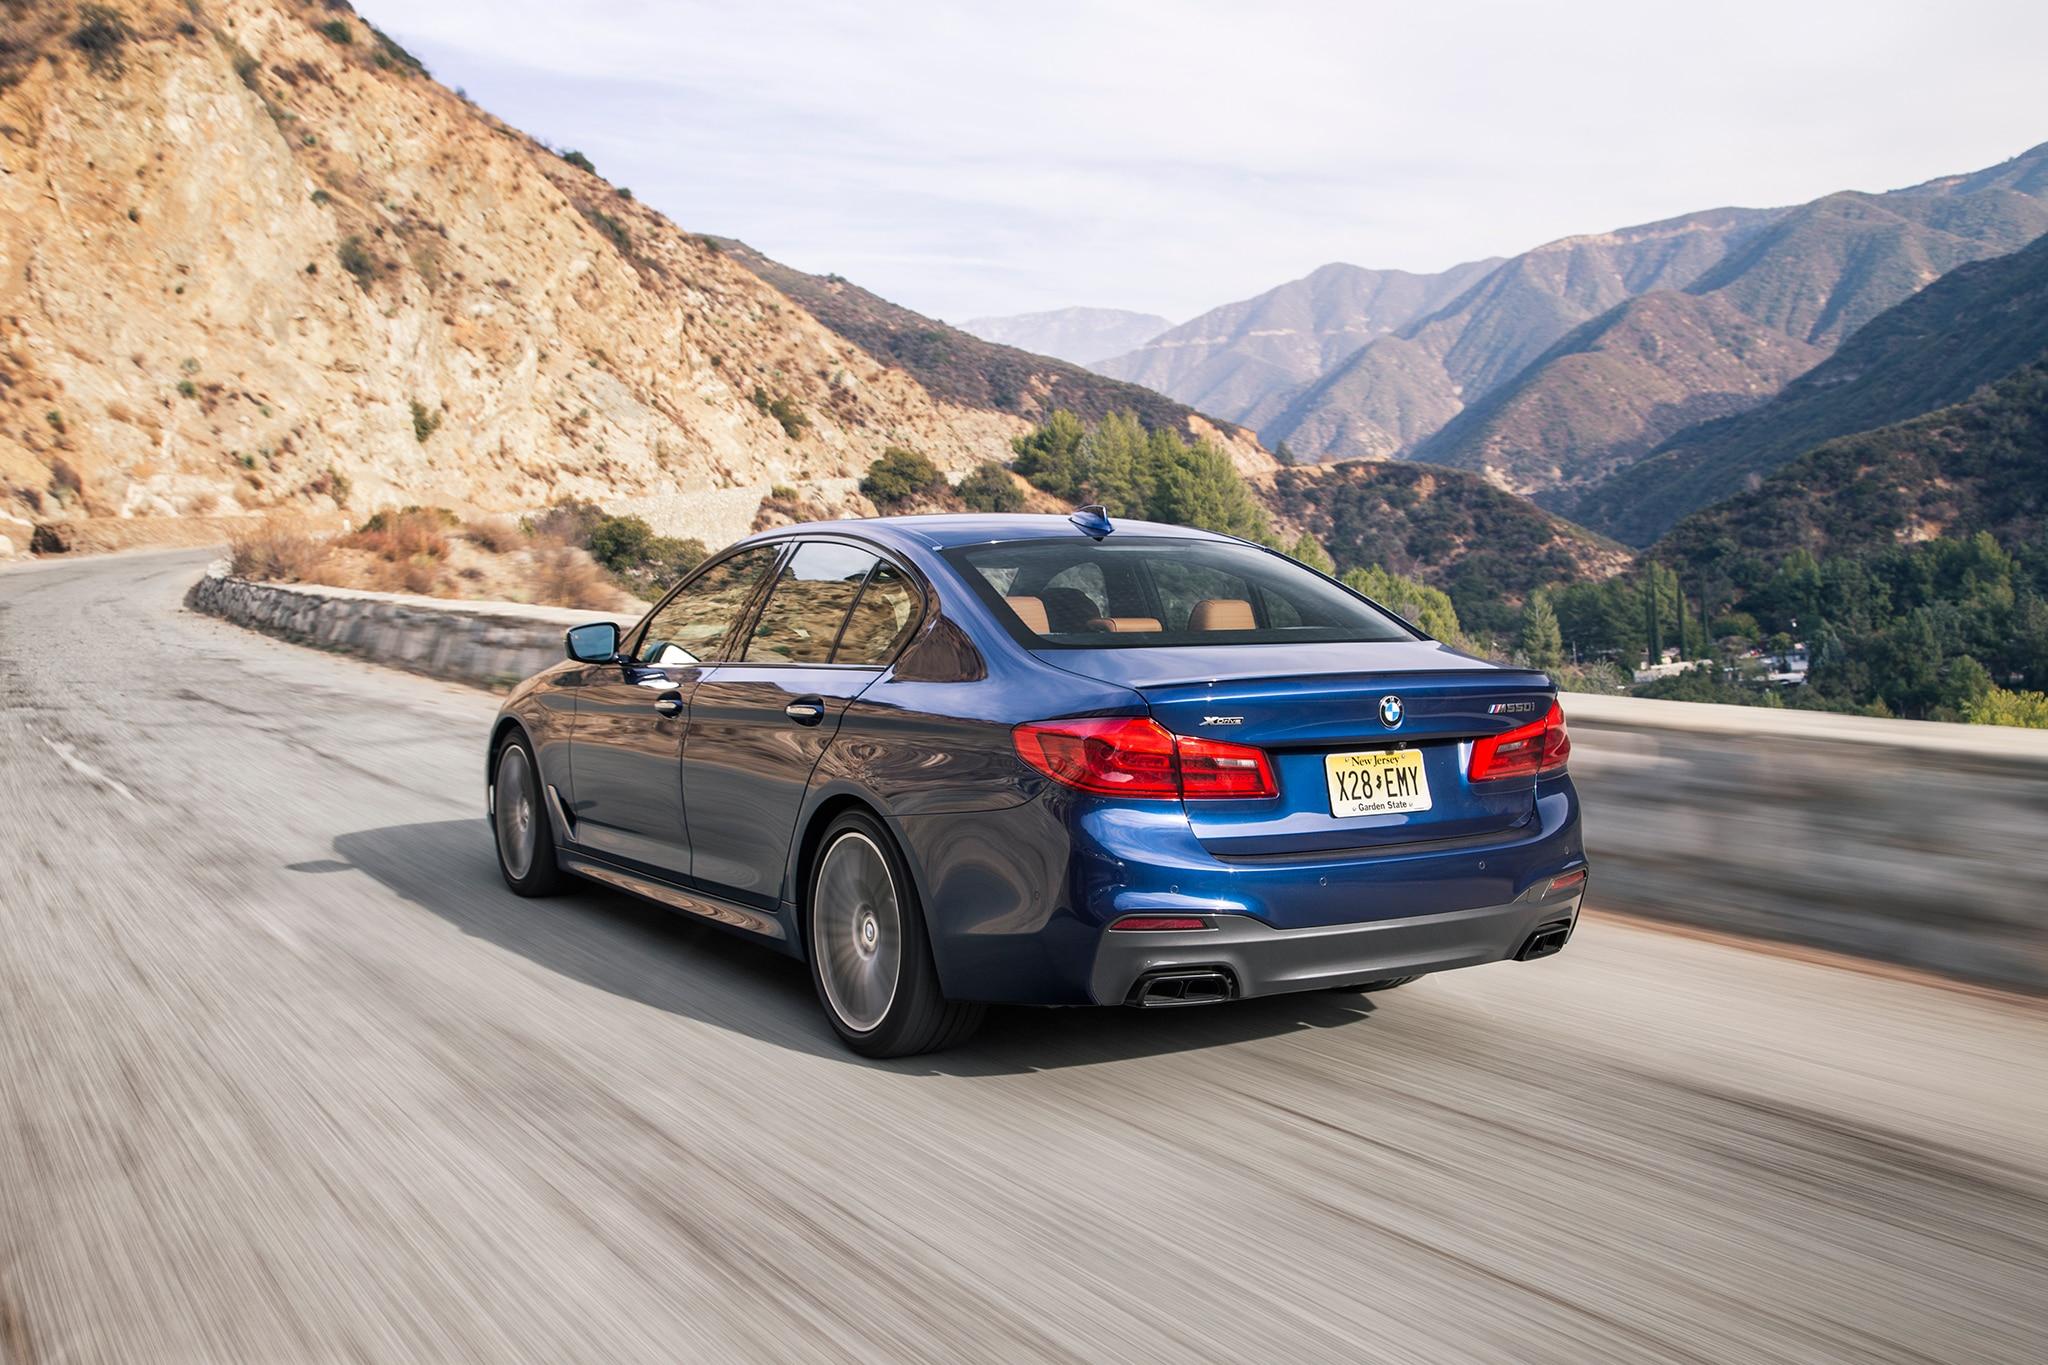 2018 BMW M550i Rear Three Quarter In Motion